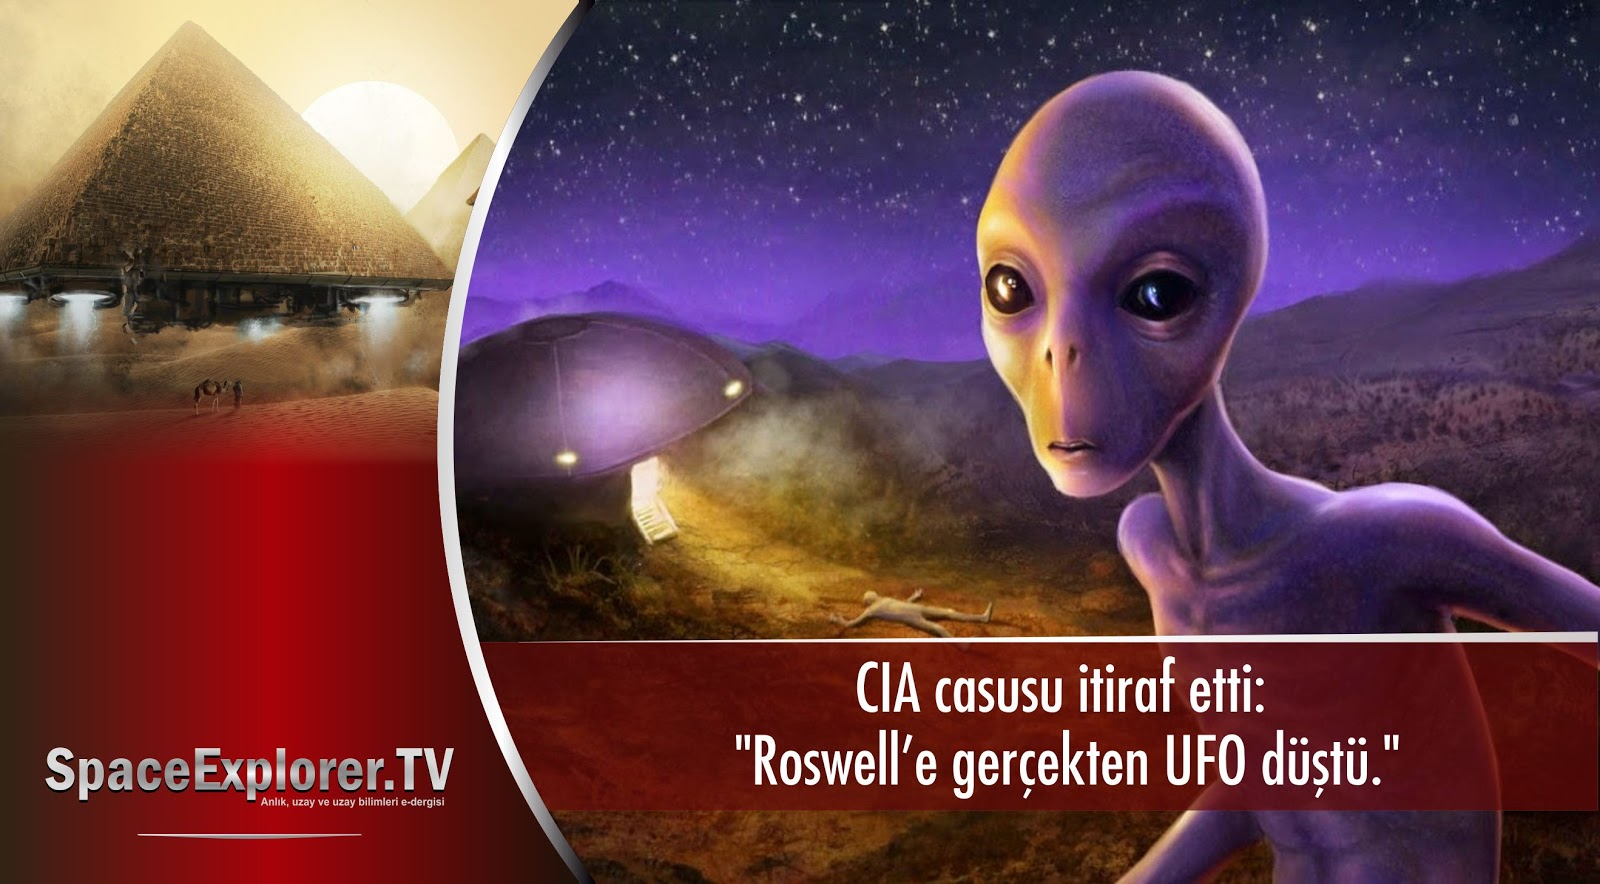 Videolar, CIA, Roswell UFO kazası, UFO kazaları, ABD, Uzayda hayat var mı?, Evrende yalnız mıyız?, UFO,